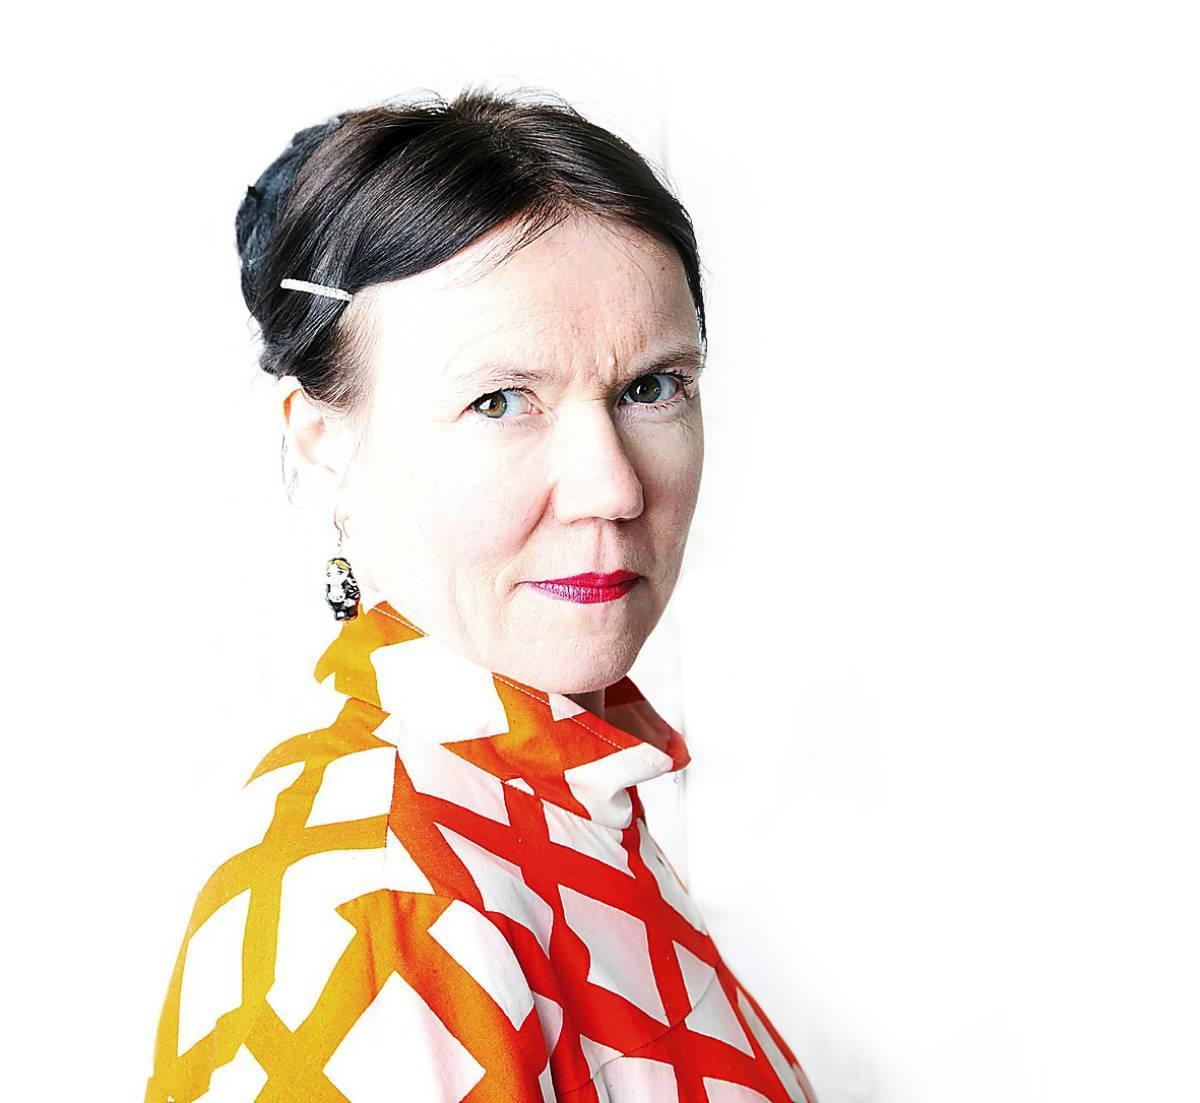 Rosa Liksom är en pseudonym för Anni Ylävaara (född 1958 i Lappland).